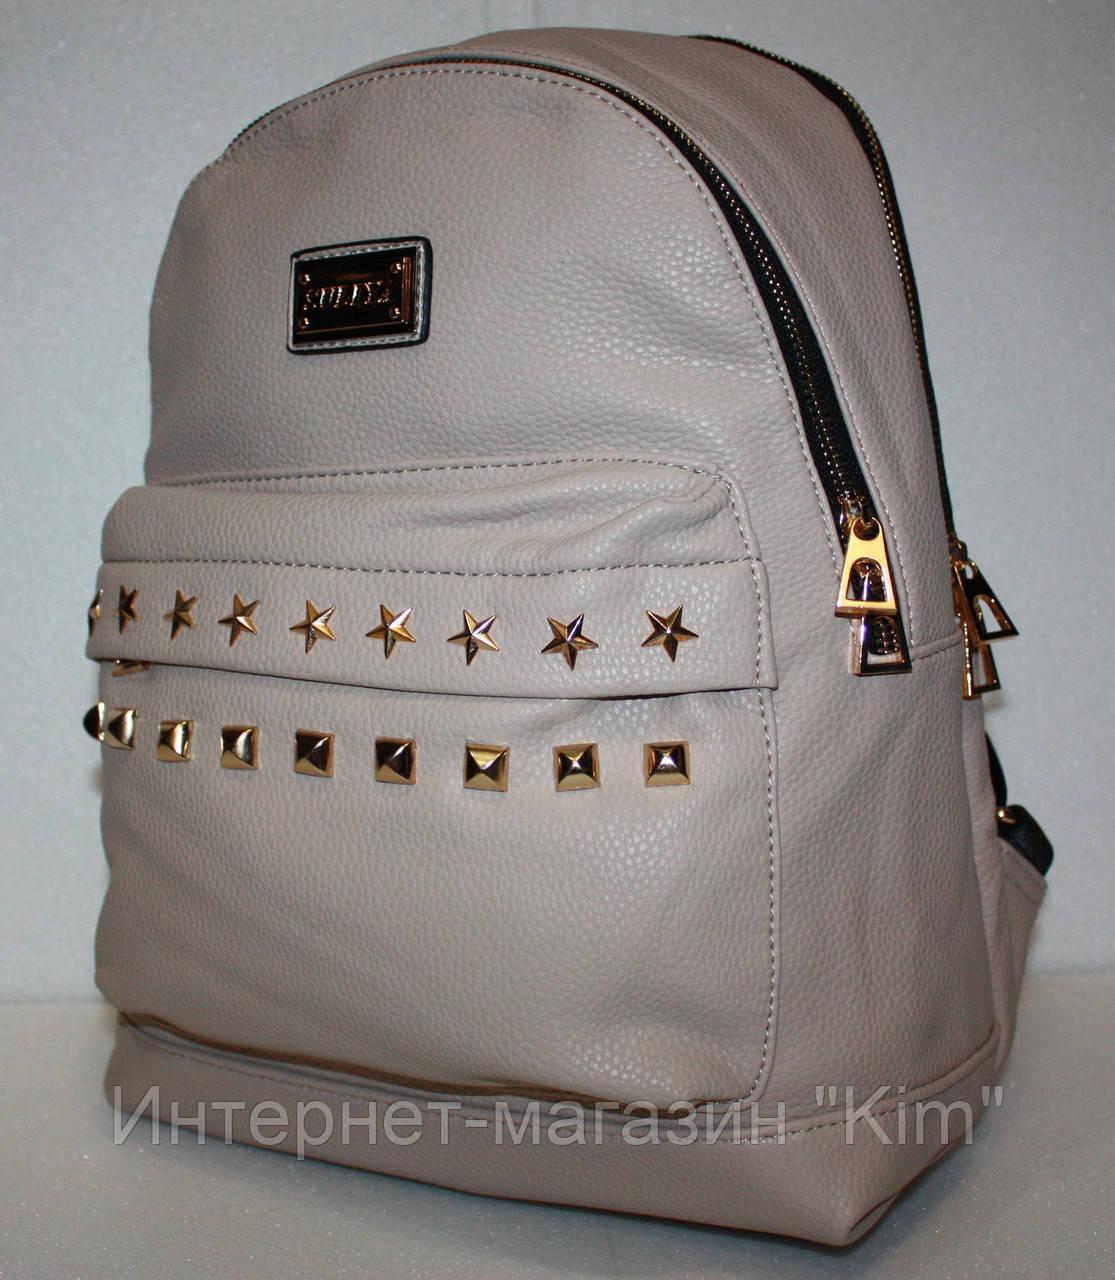 5096ac8675e7 Школьный рюкзак женский экокожа бежевый со звездами - Интернет-магазин